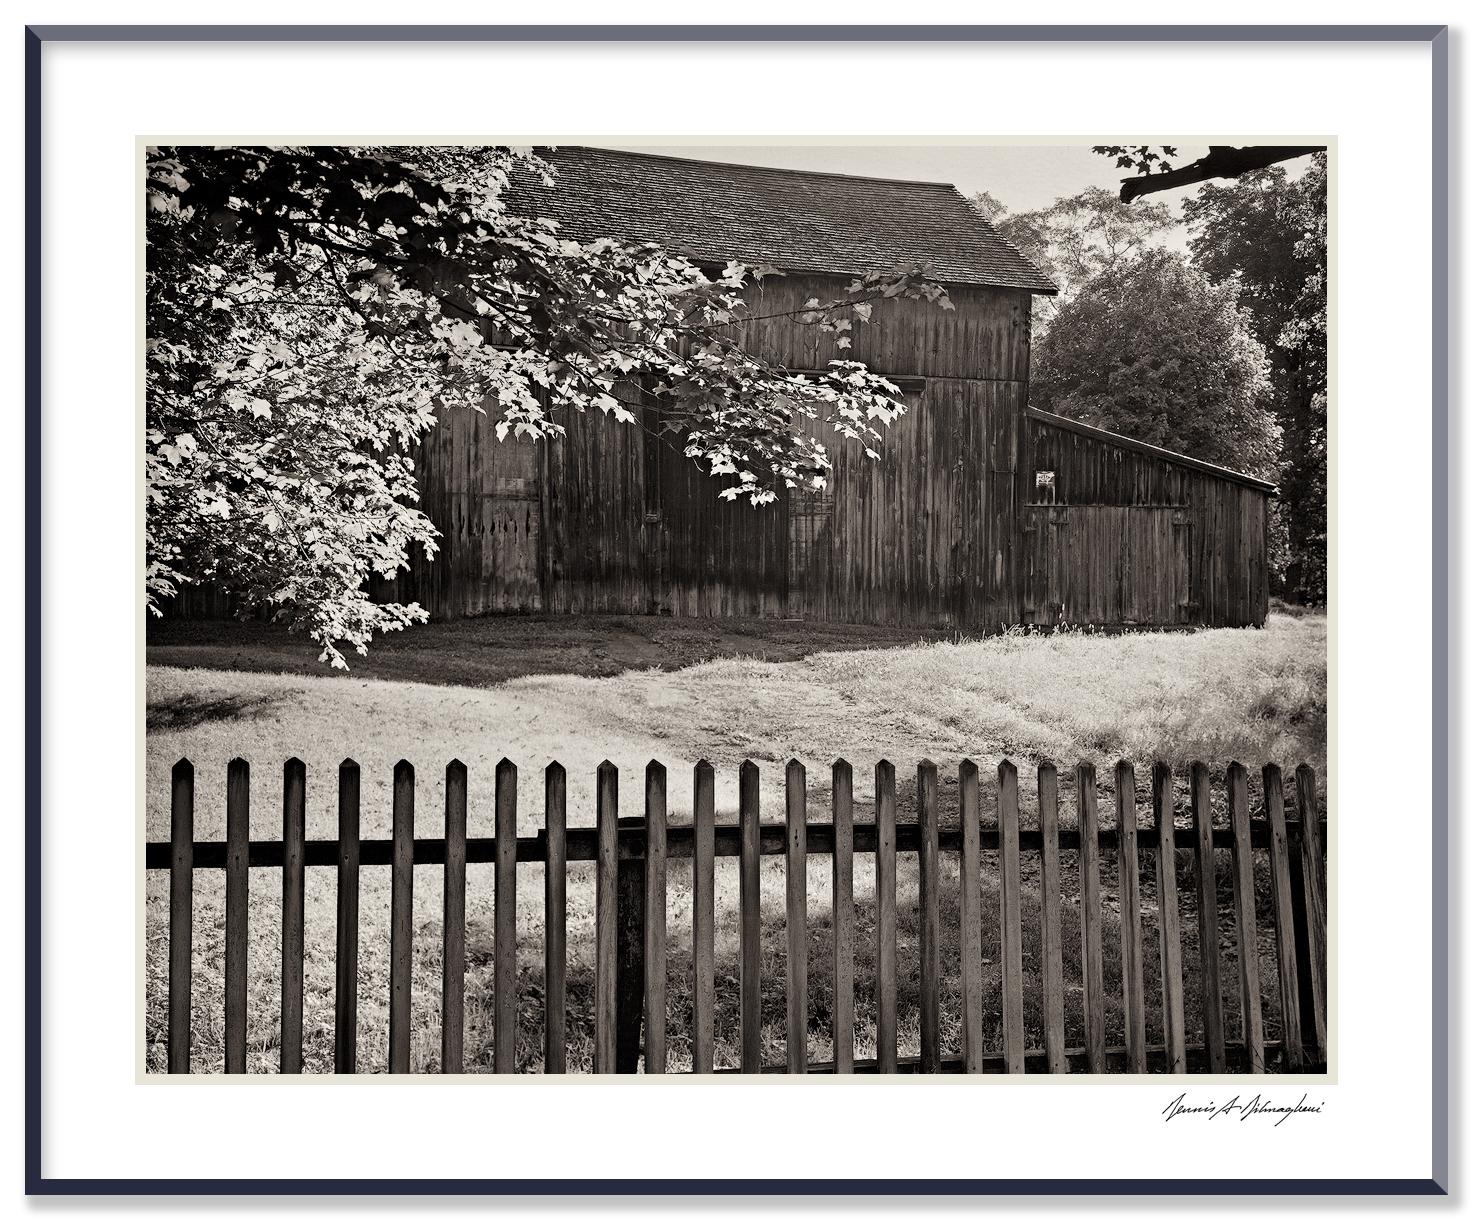 Old Barn - Near New Hope, Pennsylvania